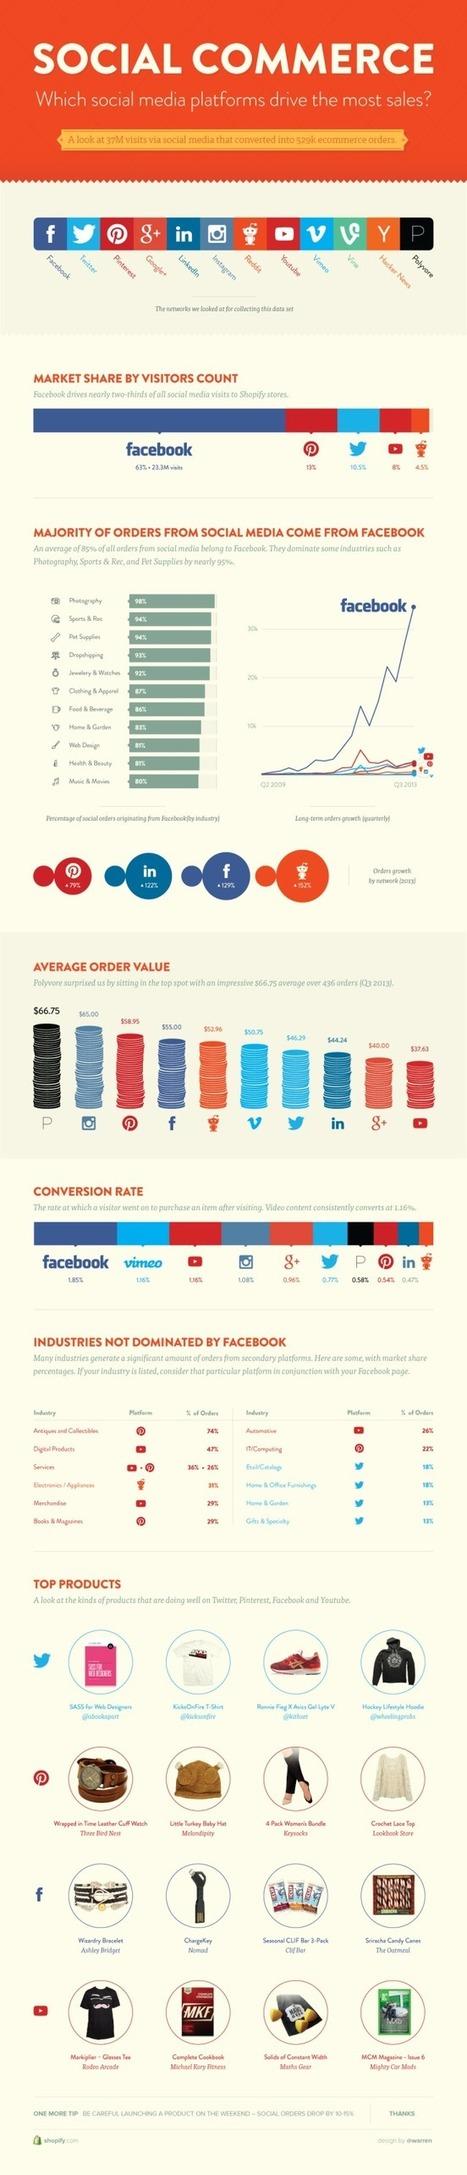 Hangi Sosyal Medya Platformu Daha Çok Satış Getiriyor? [İnfografik]   Dünyayı Yeniden Keşfediyorum   Scoop.it